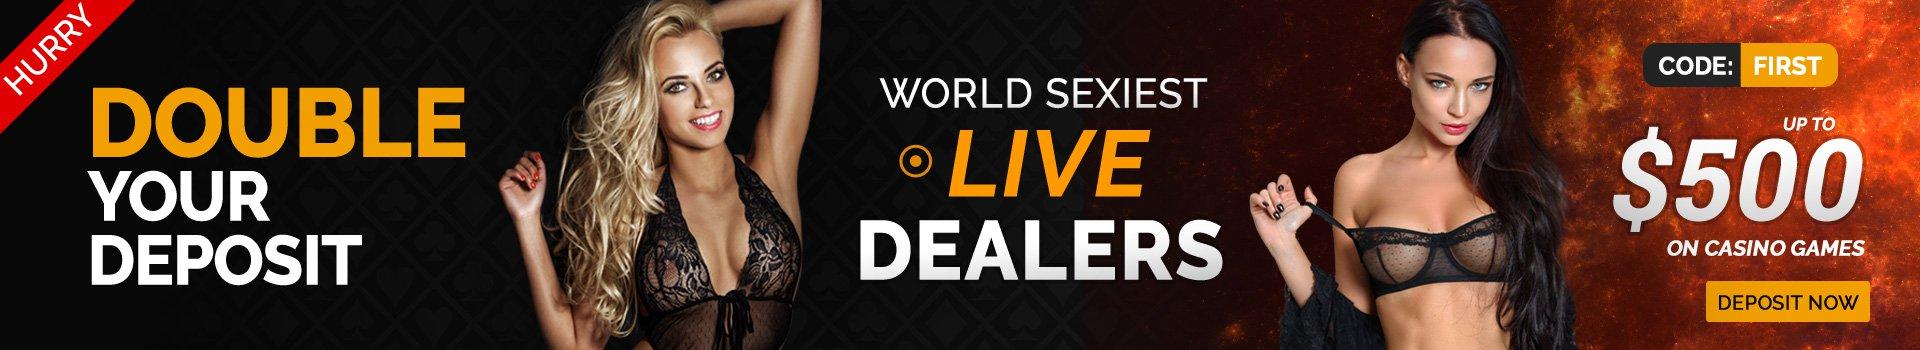 PornHub Live Casino Sexy Dealers